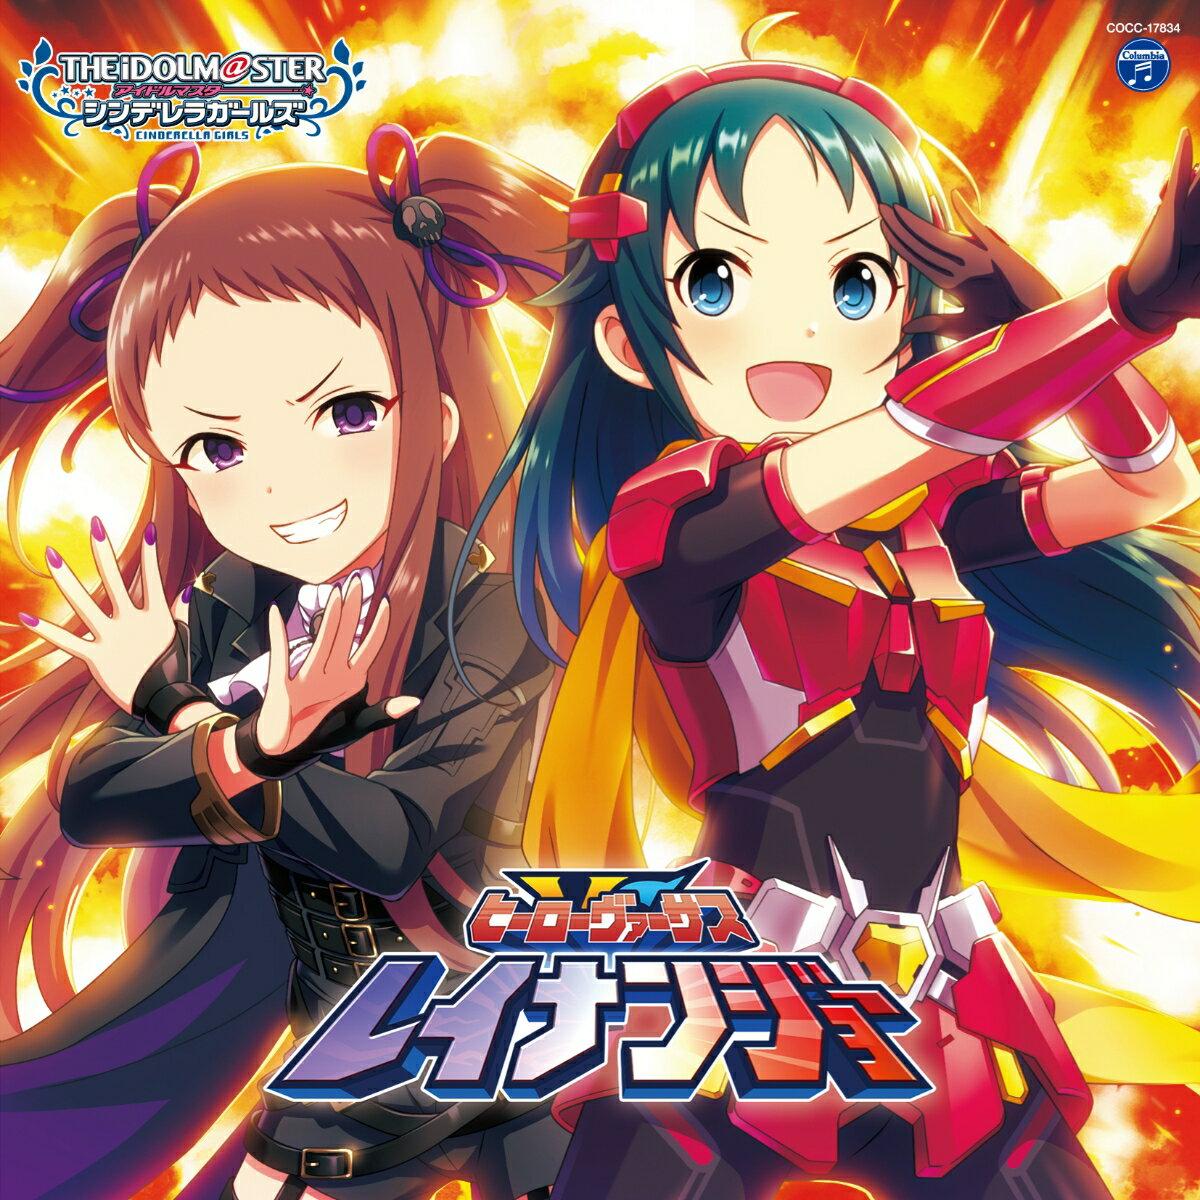 ゲームミュージック, その他 THE IDOLMSTER CINDERELLA GIRLS STARLIGHT MASTER GOLD RUSH! 04 ()